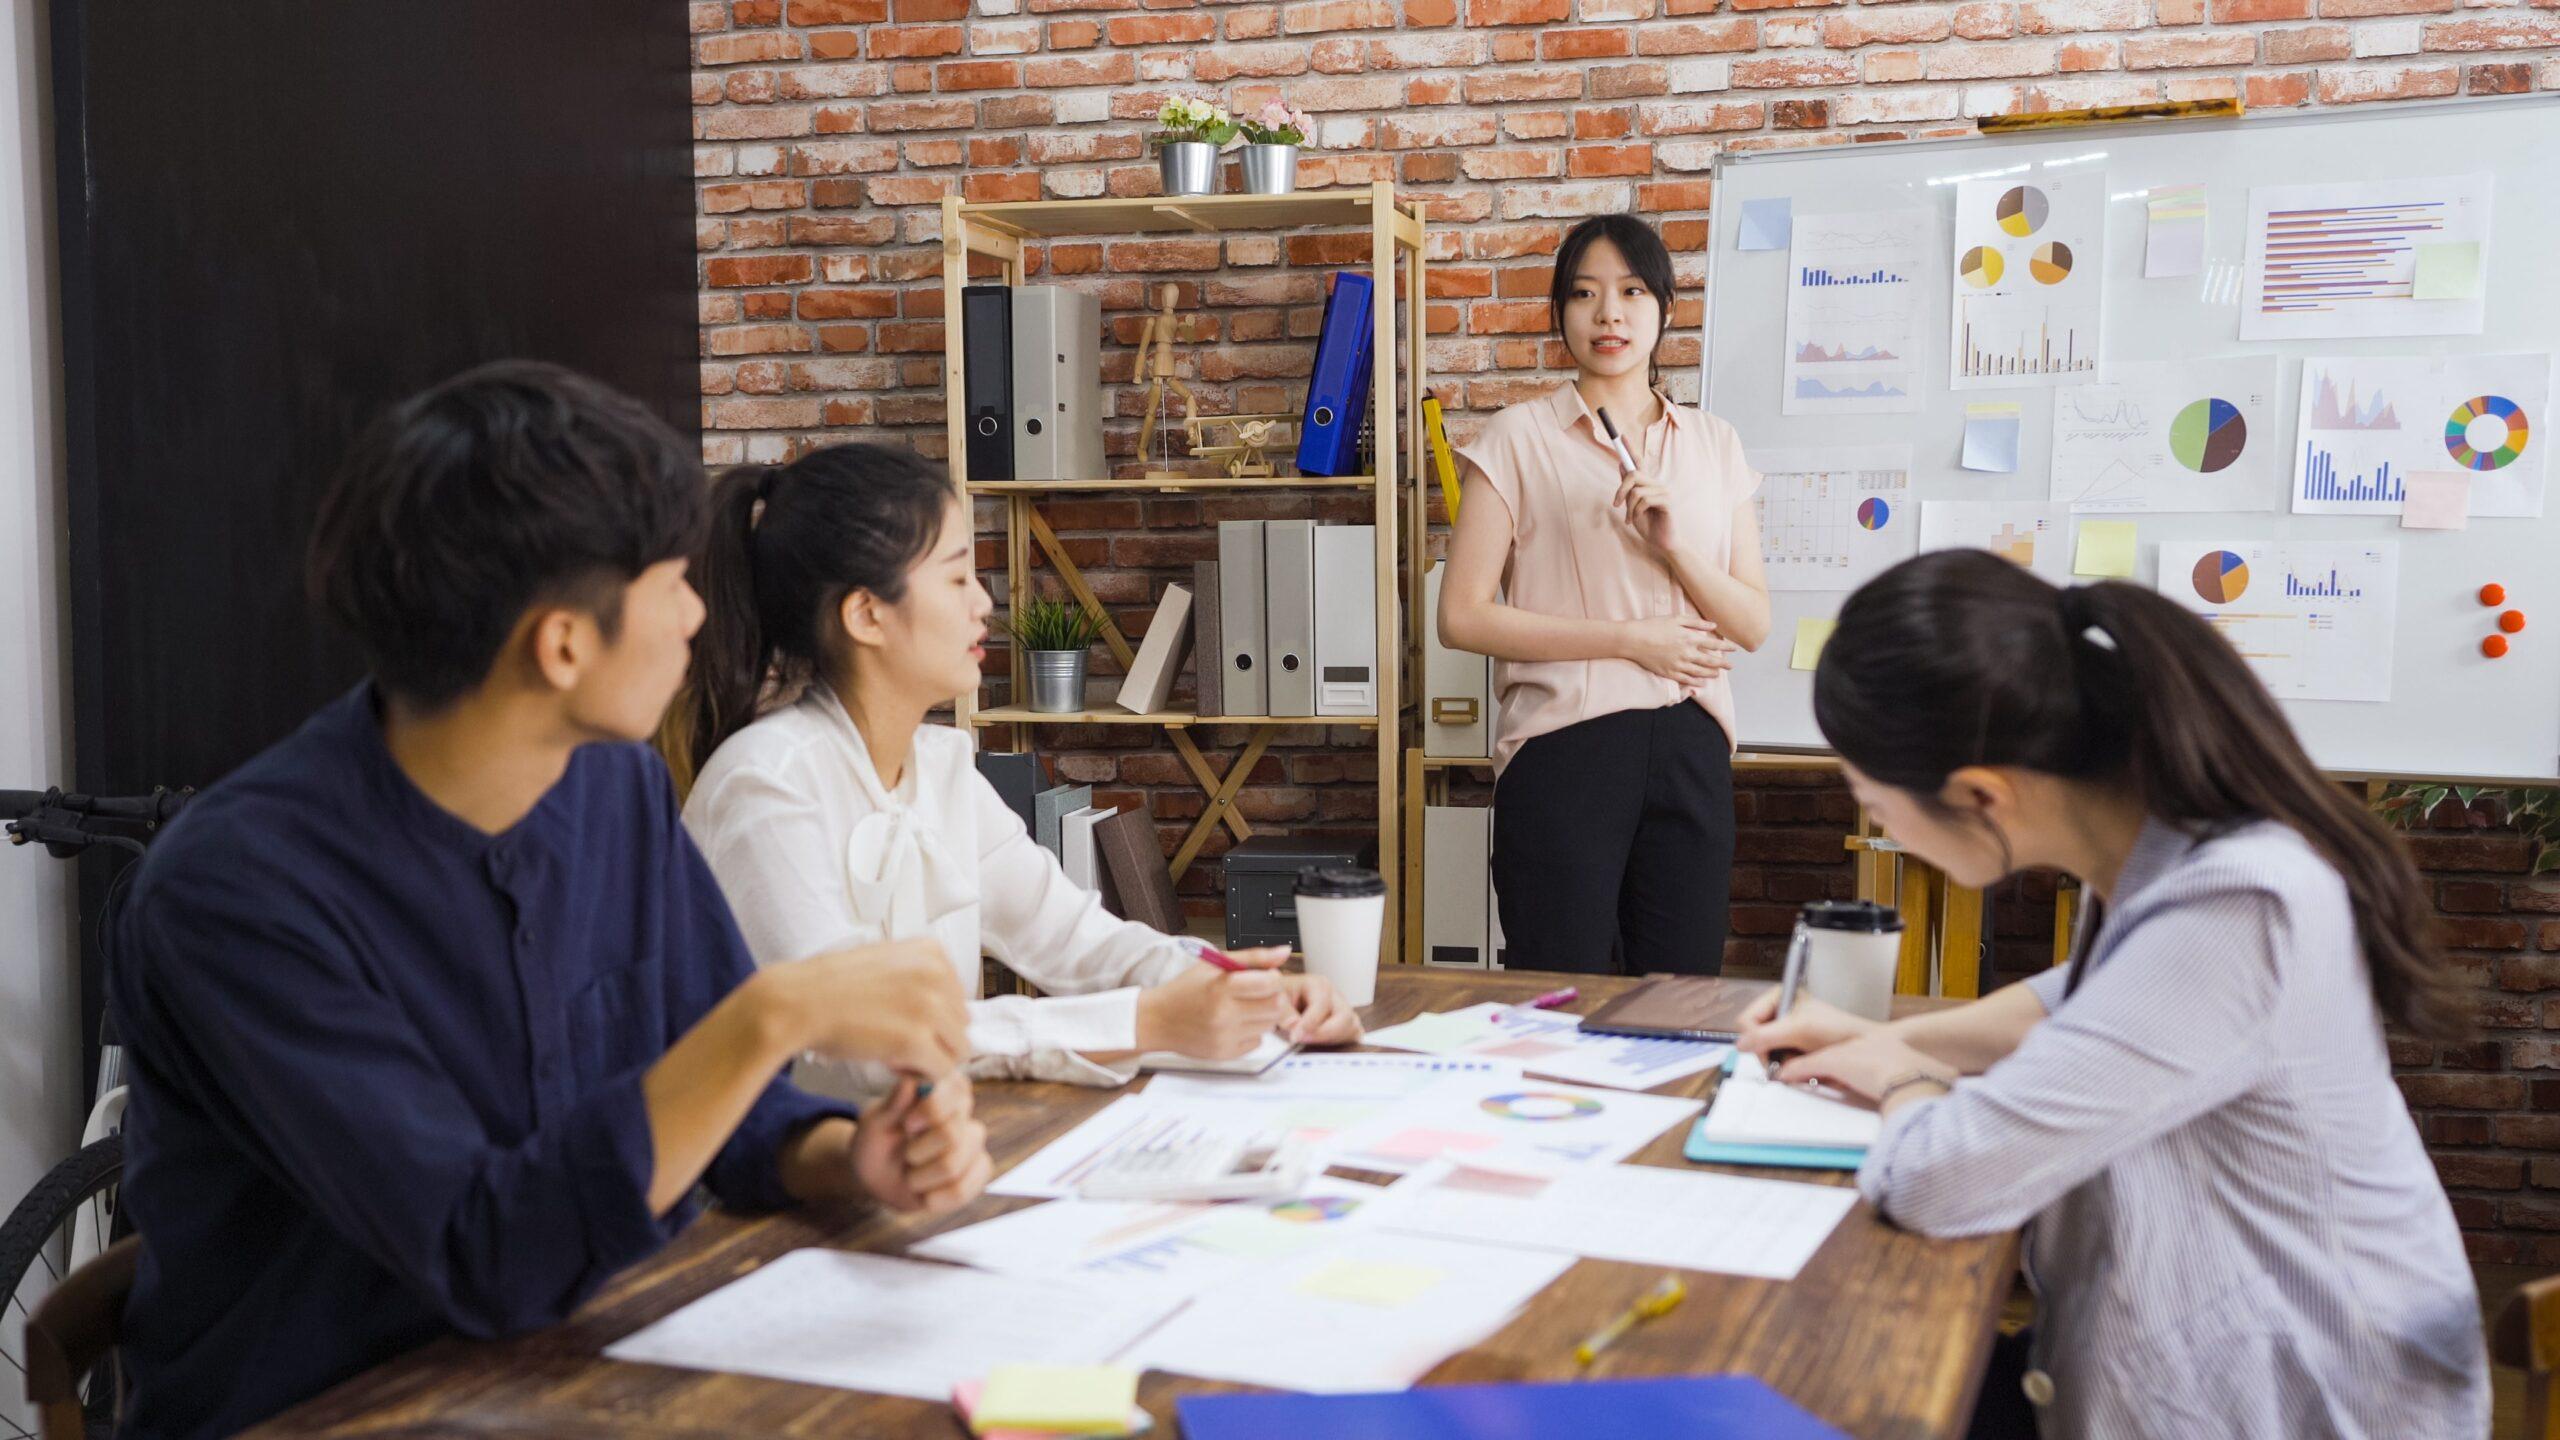 狭いオフィスのメリット②コミュニケーションが取れる、孤独感を抱かなくなる